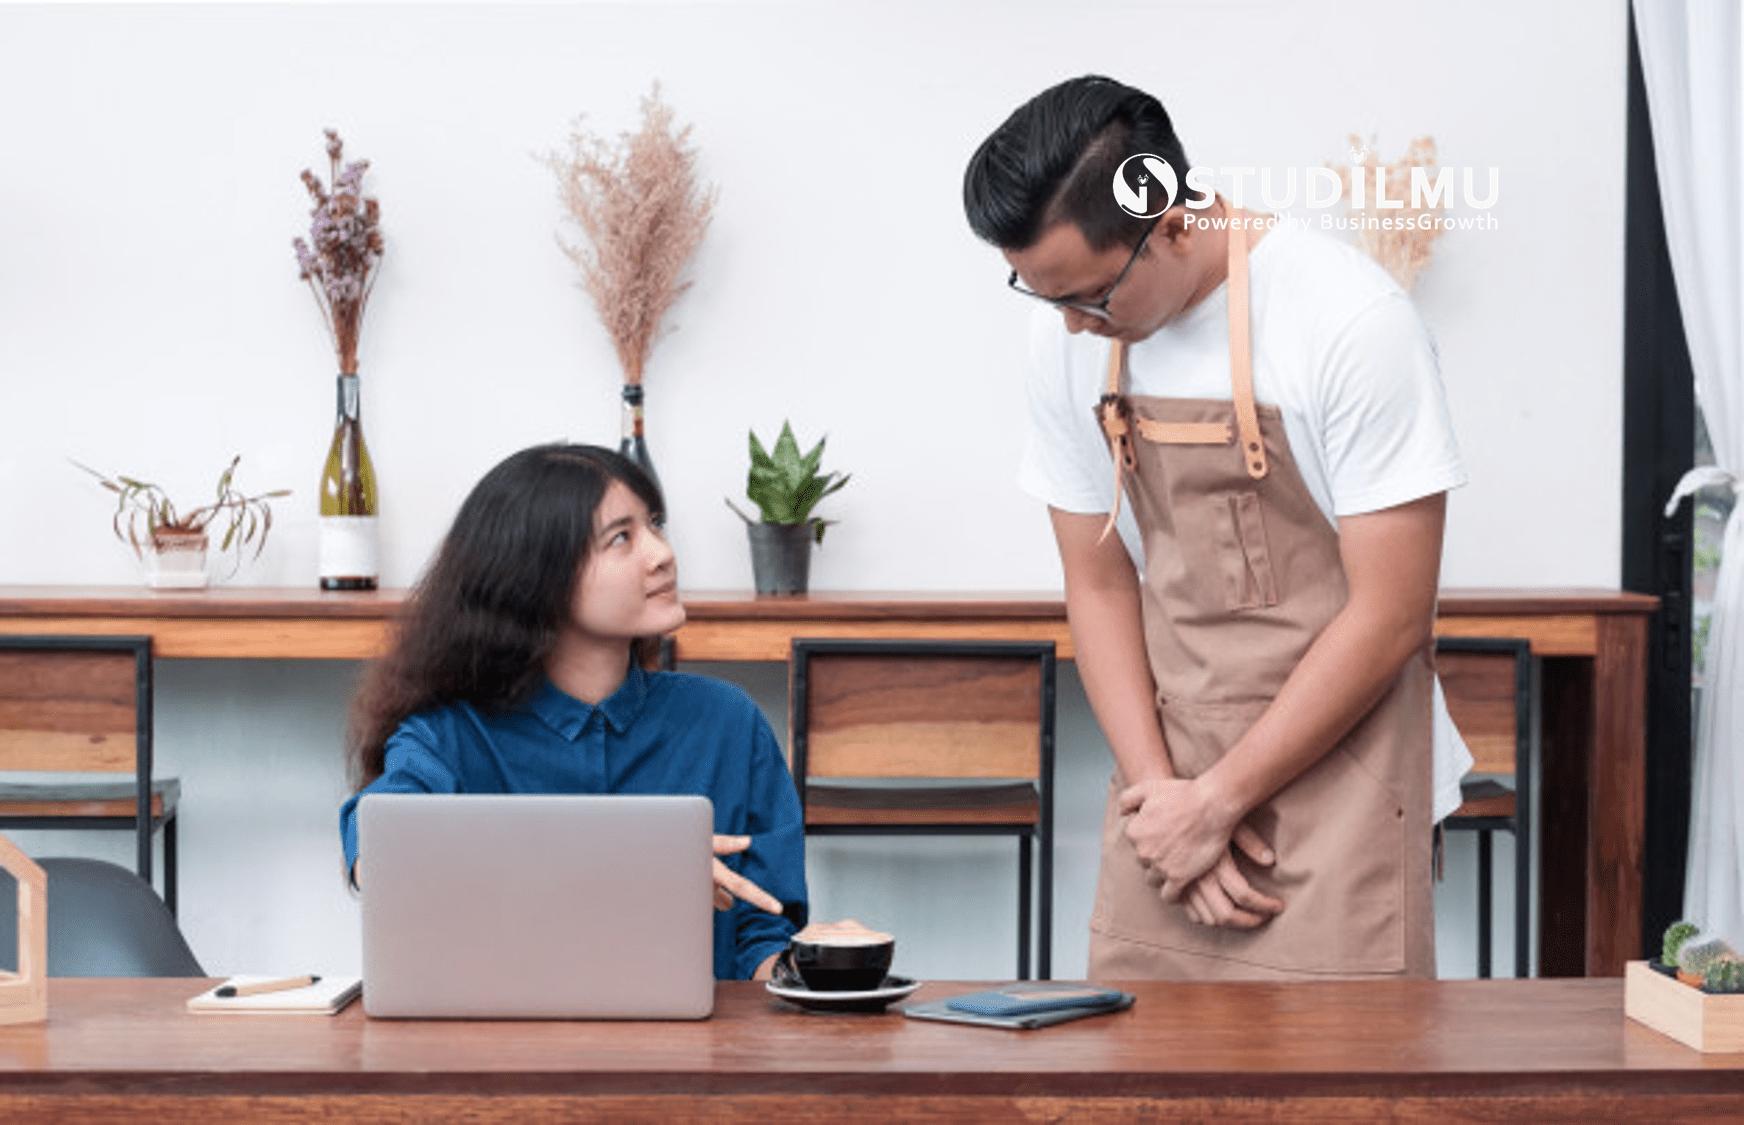 STUDILMU Career Advice - 8 Strategi Pelayanan dalam Menangani Keluhan Pelanggan yang Marah